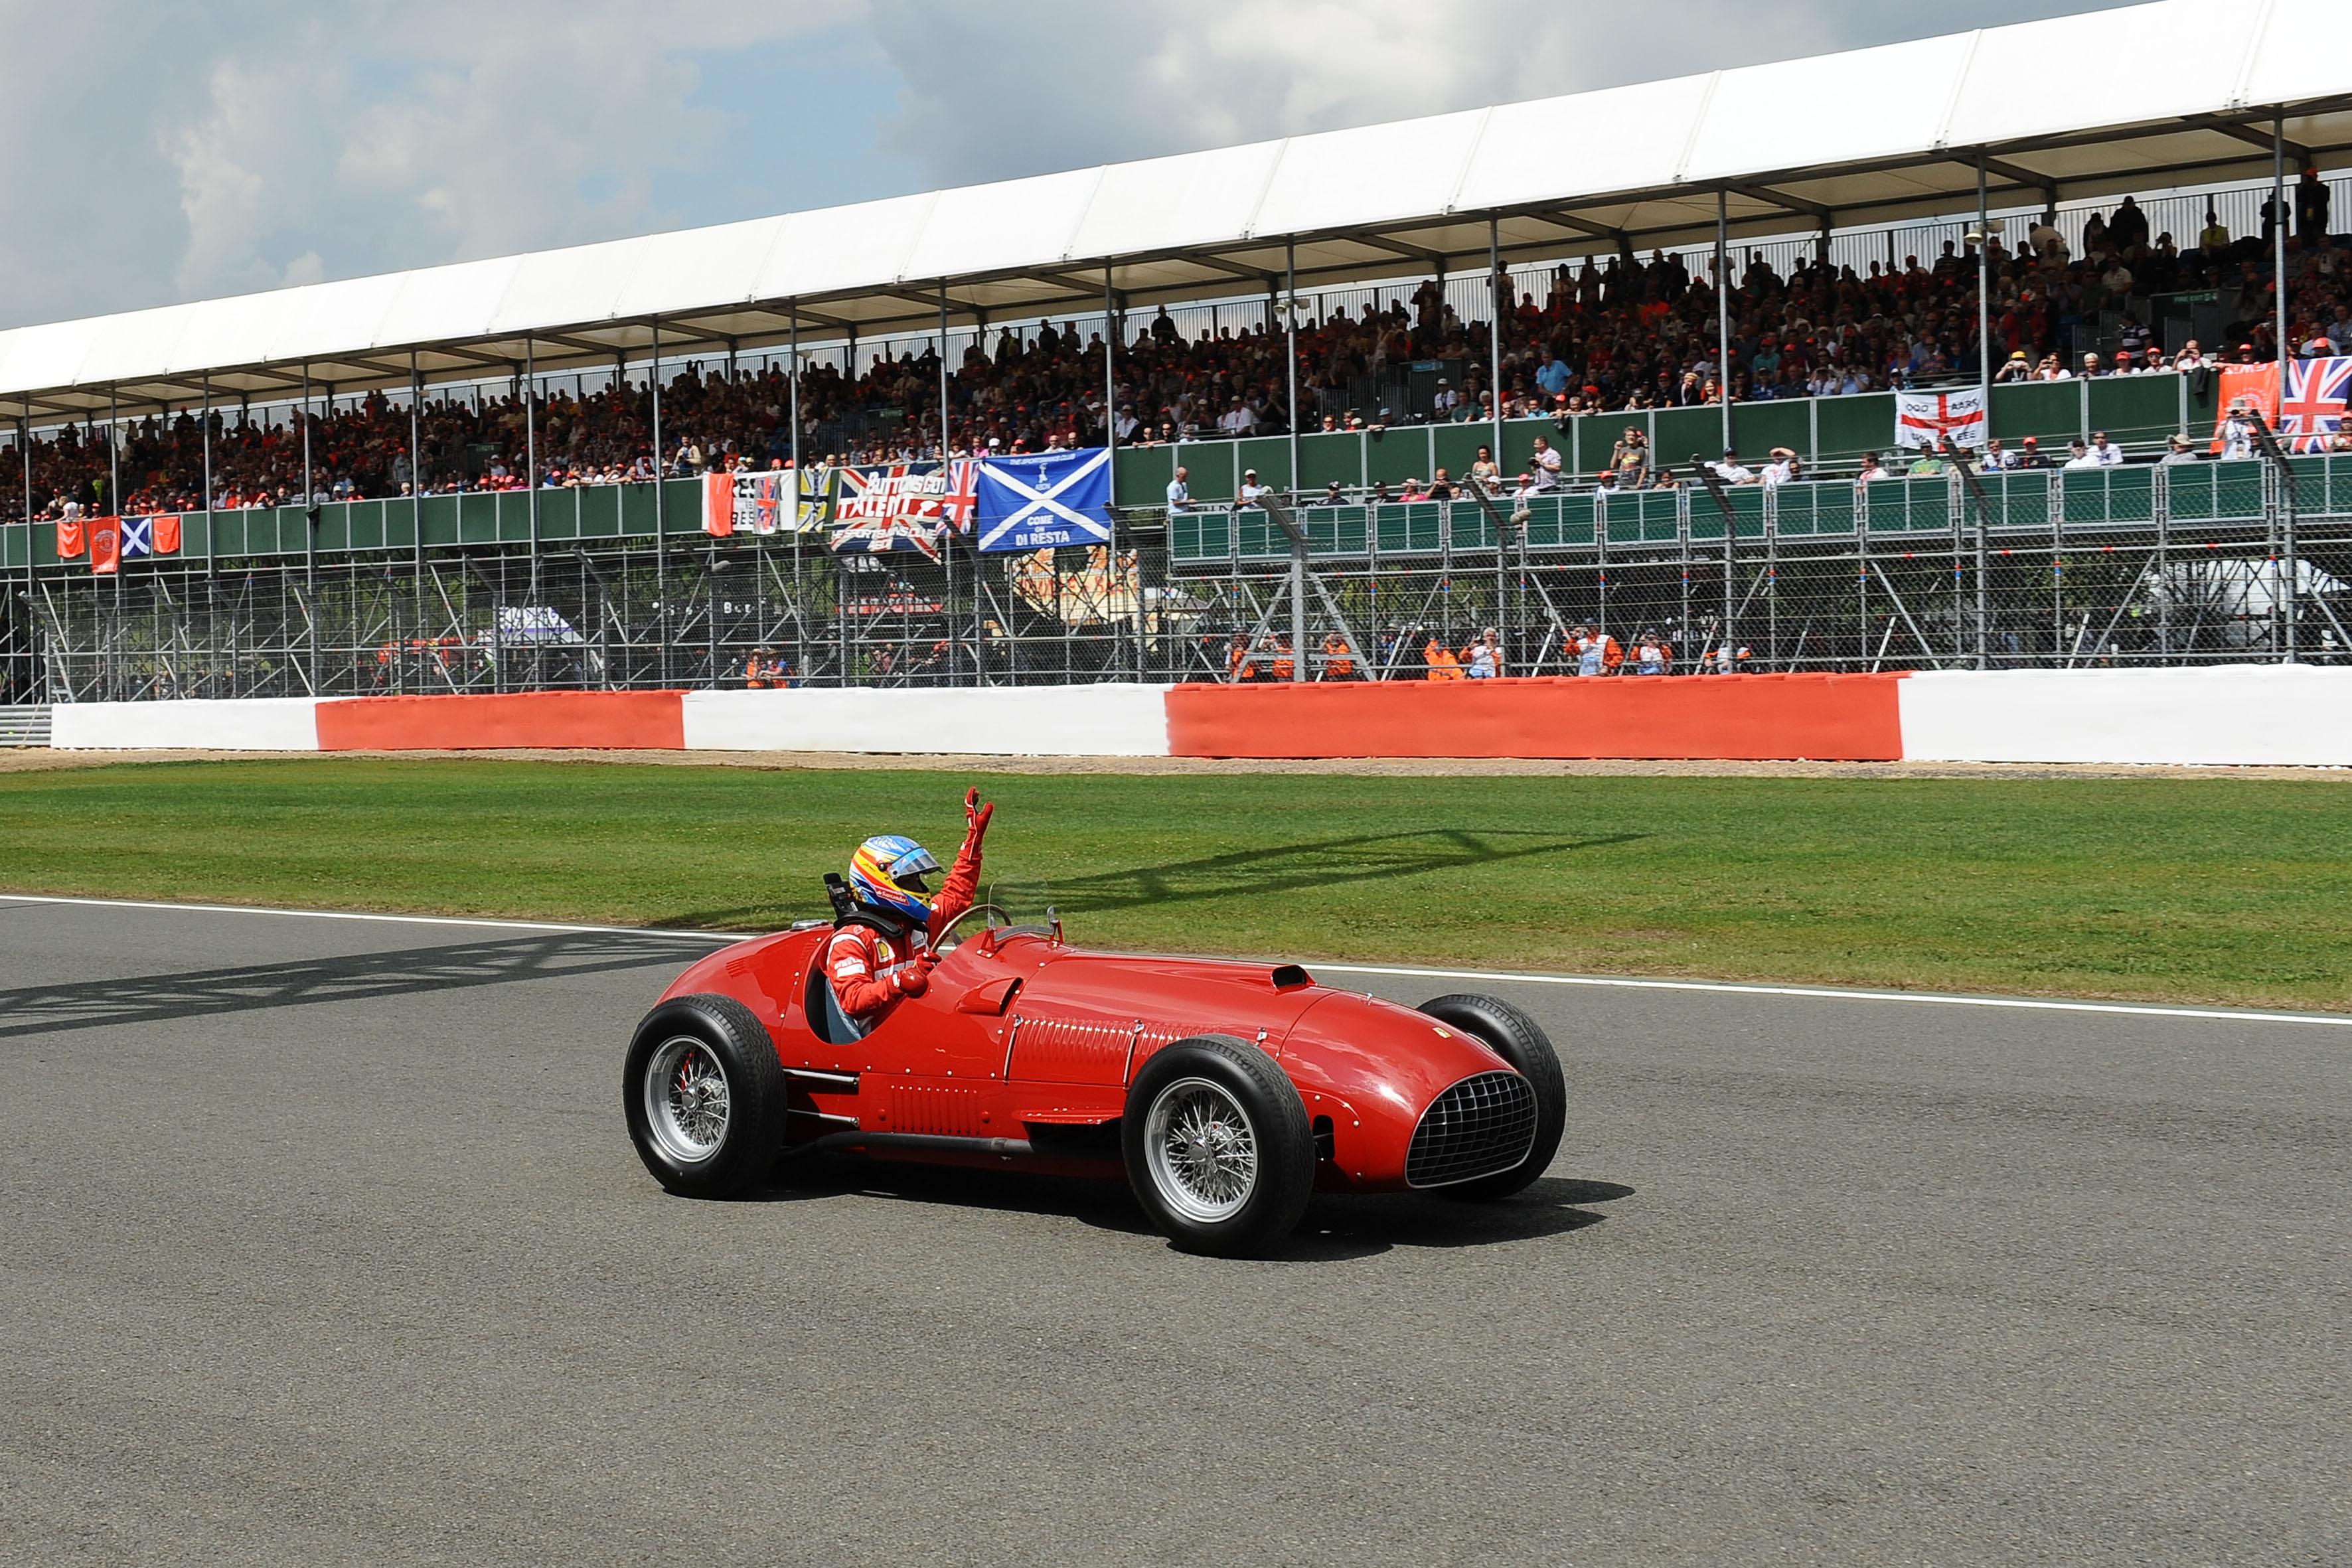 Ferrari e Silverstone, appuntamento con la storia